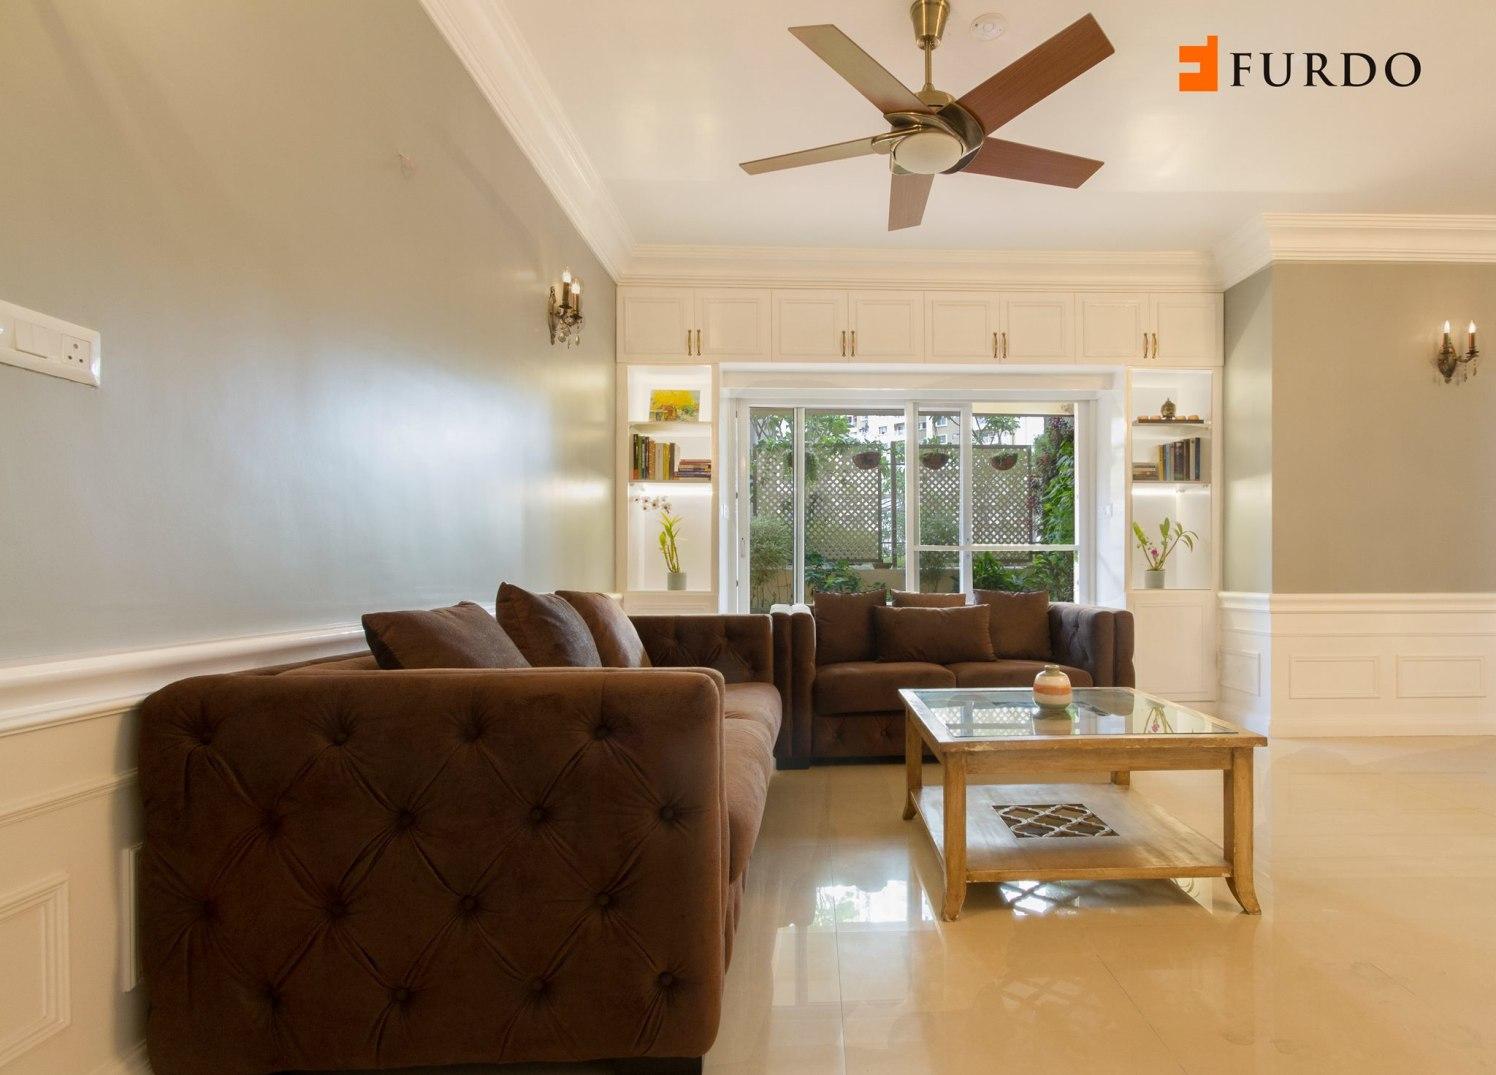 Living Room With L shape  Furniture by Furdo.com Living-room Contemporary | Interior Design Photos & Ideas